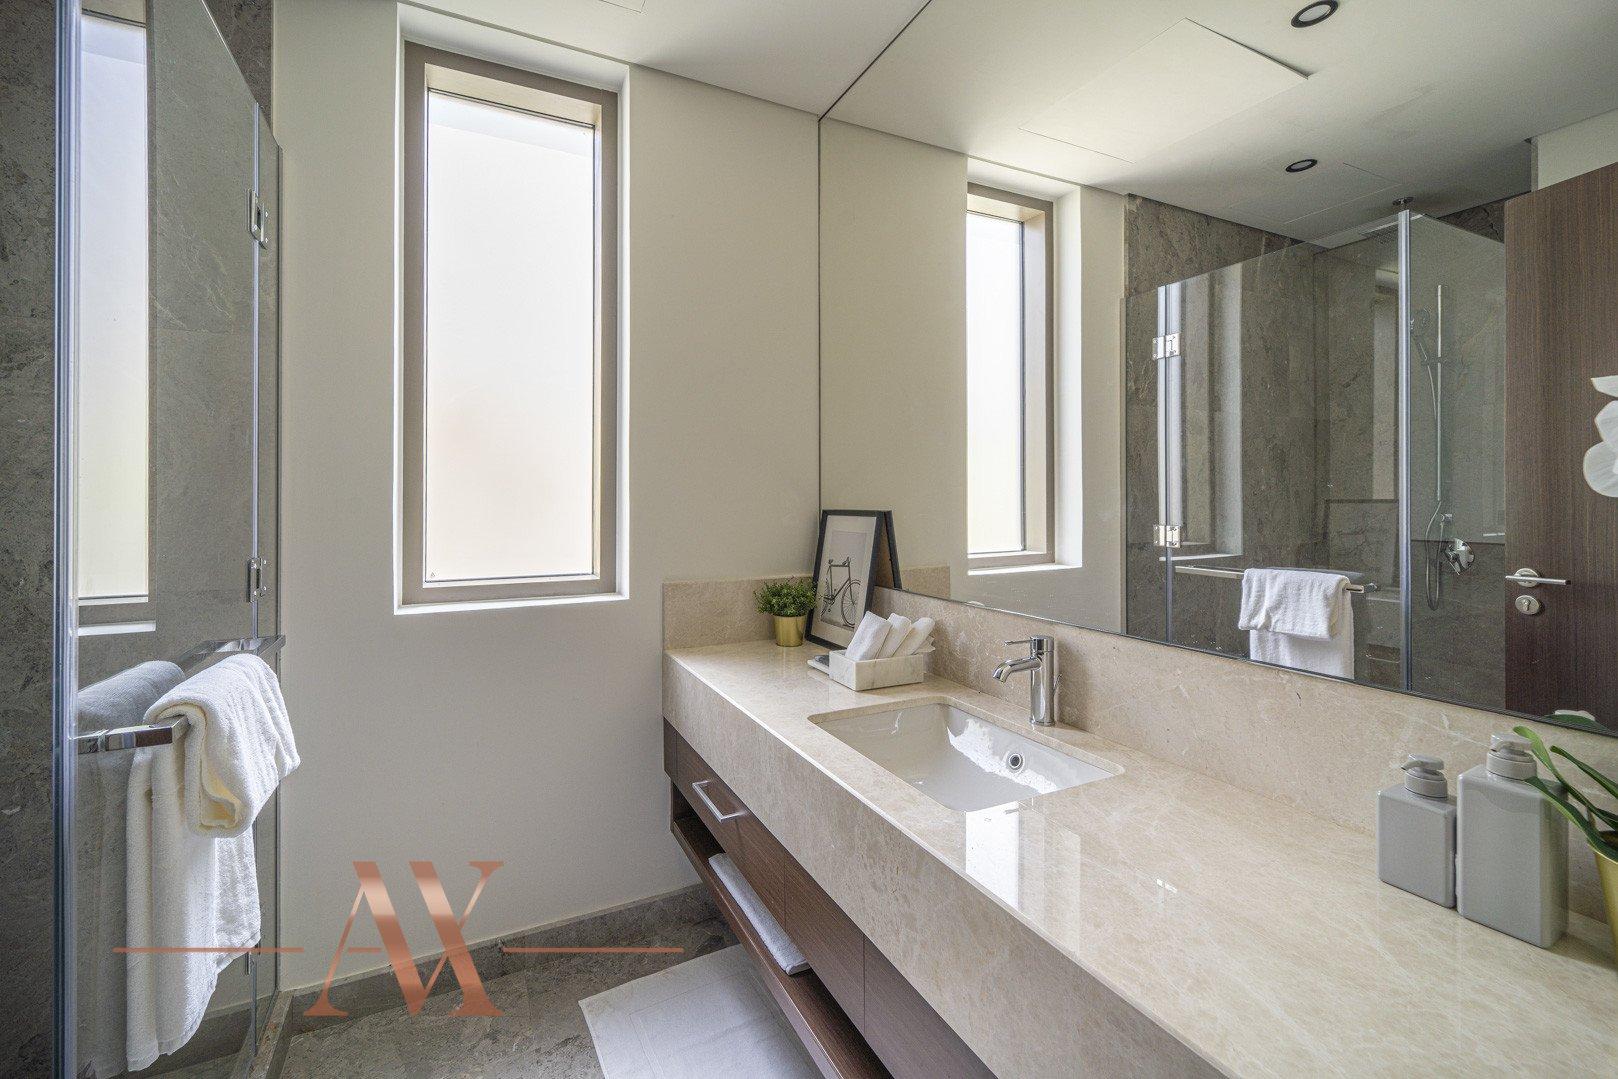 Villa en venta en Dubai, EAU, 4 dormitorios, 659.6 m2, № 23710 – foto 16